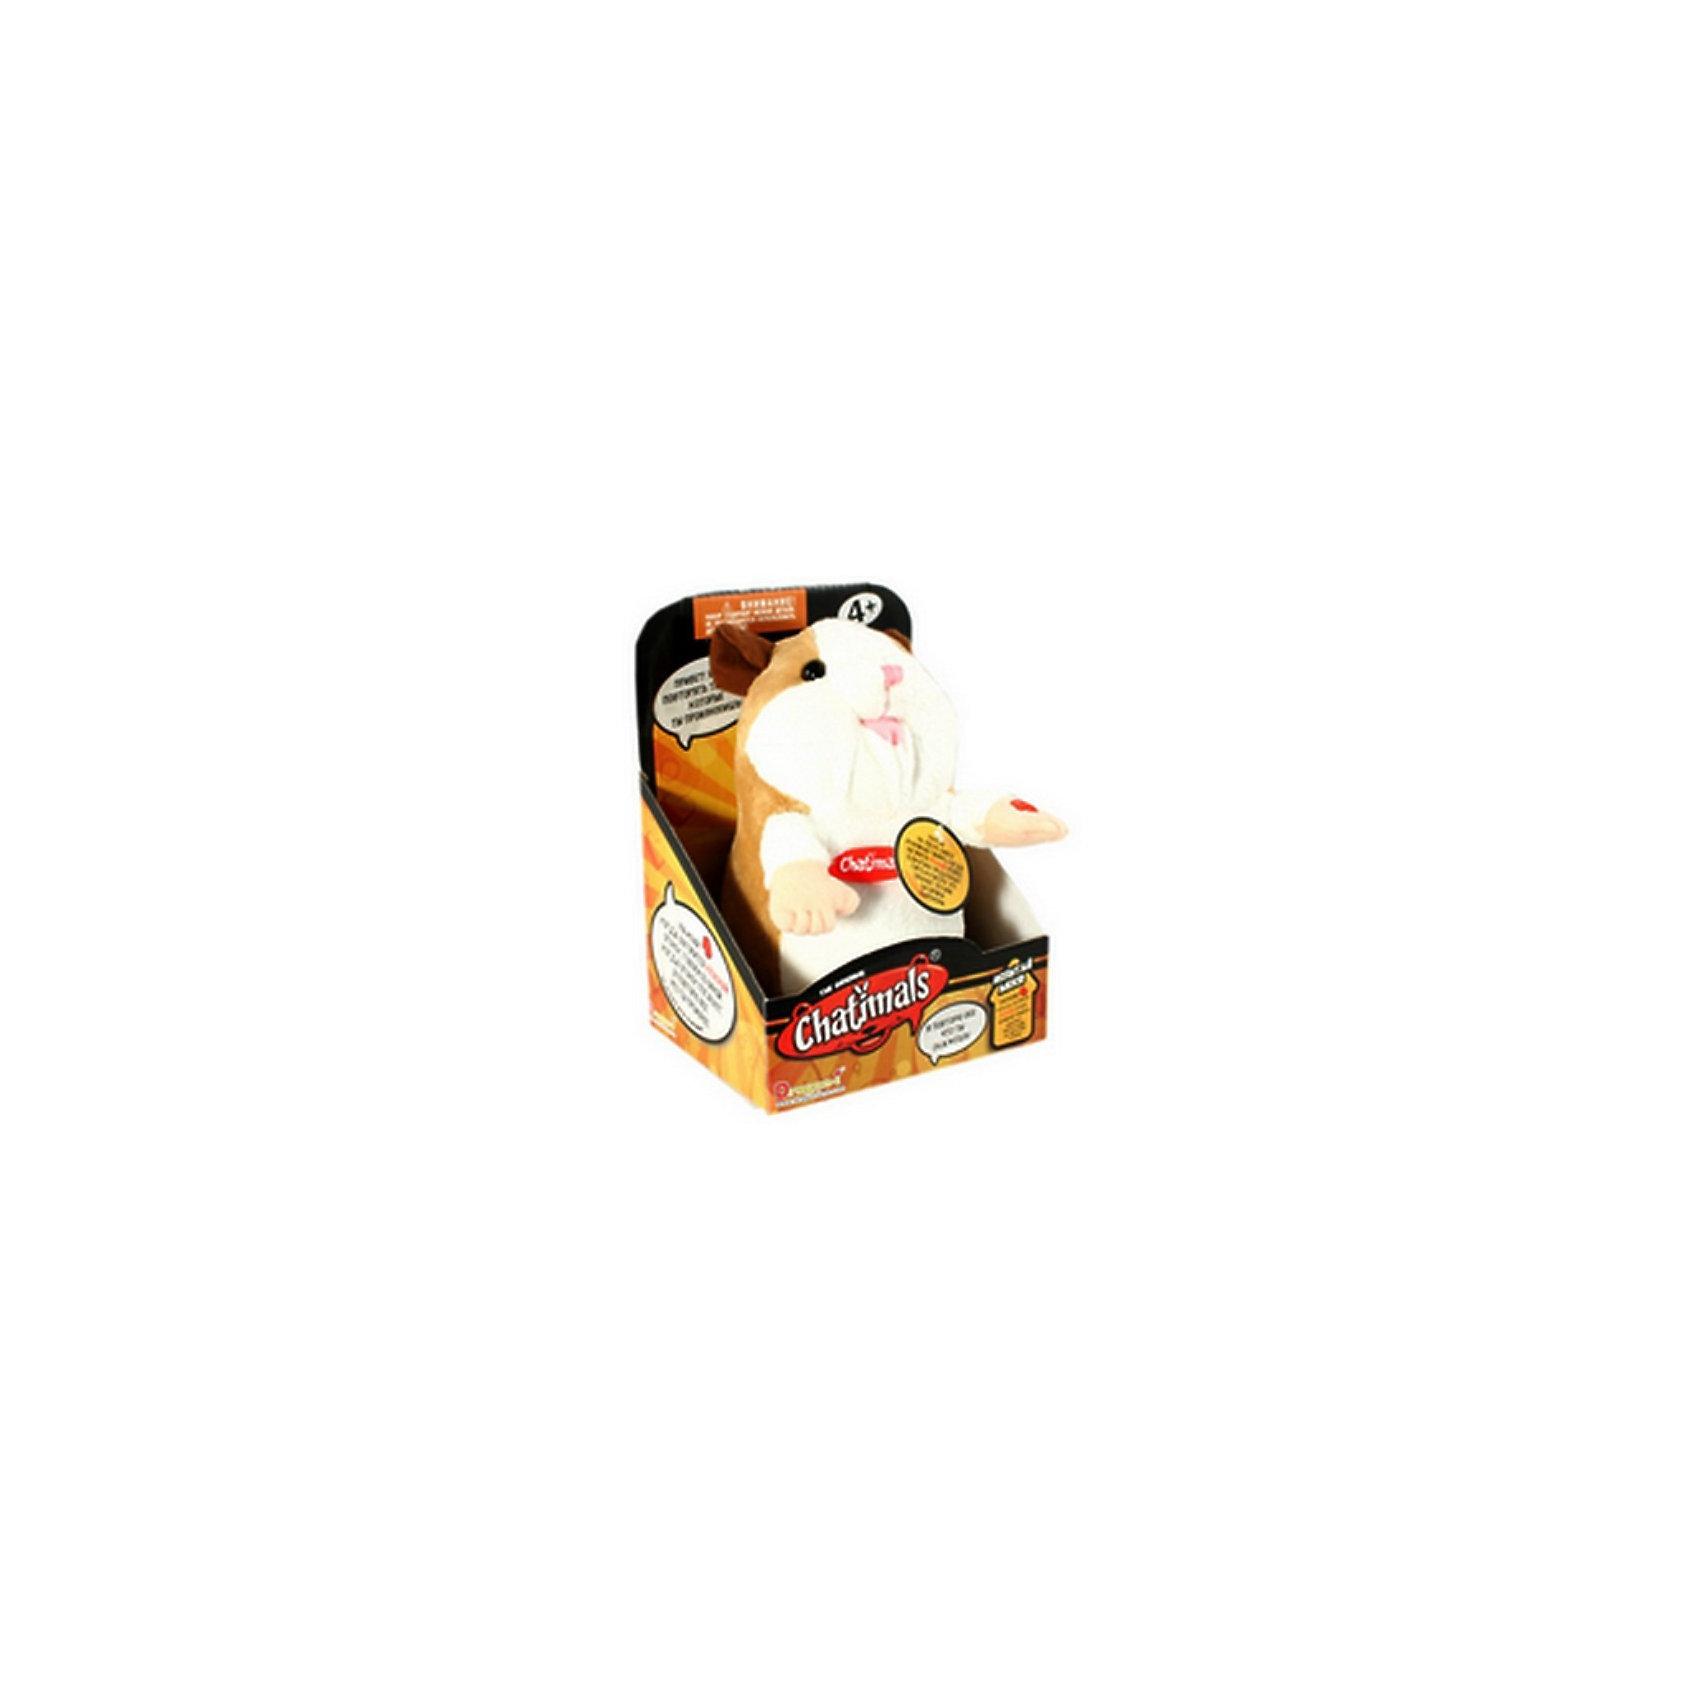 Dragon Интерактивный хомяк (Бело-коричневый) - Веселые повторюшки Чатималс